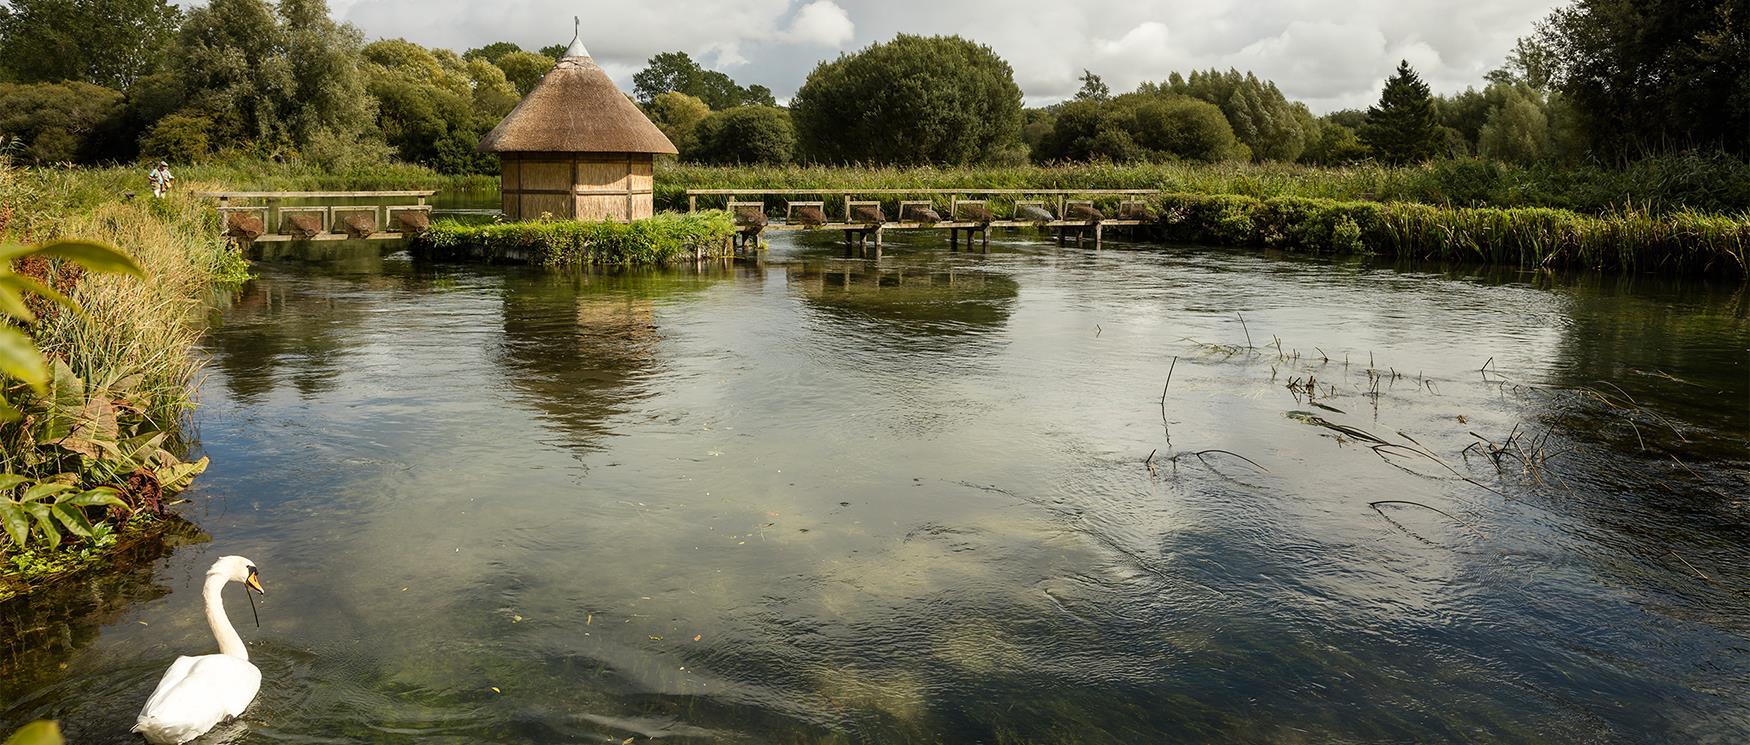 River Test, Longstock